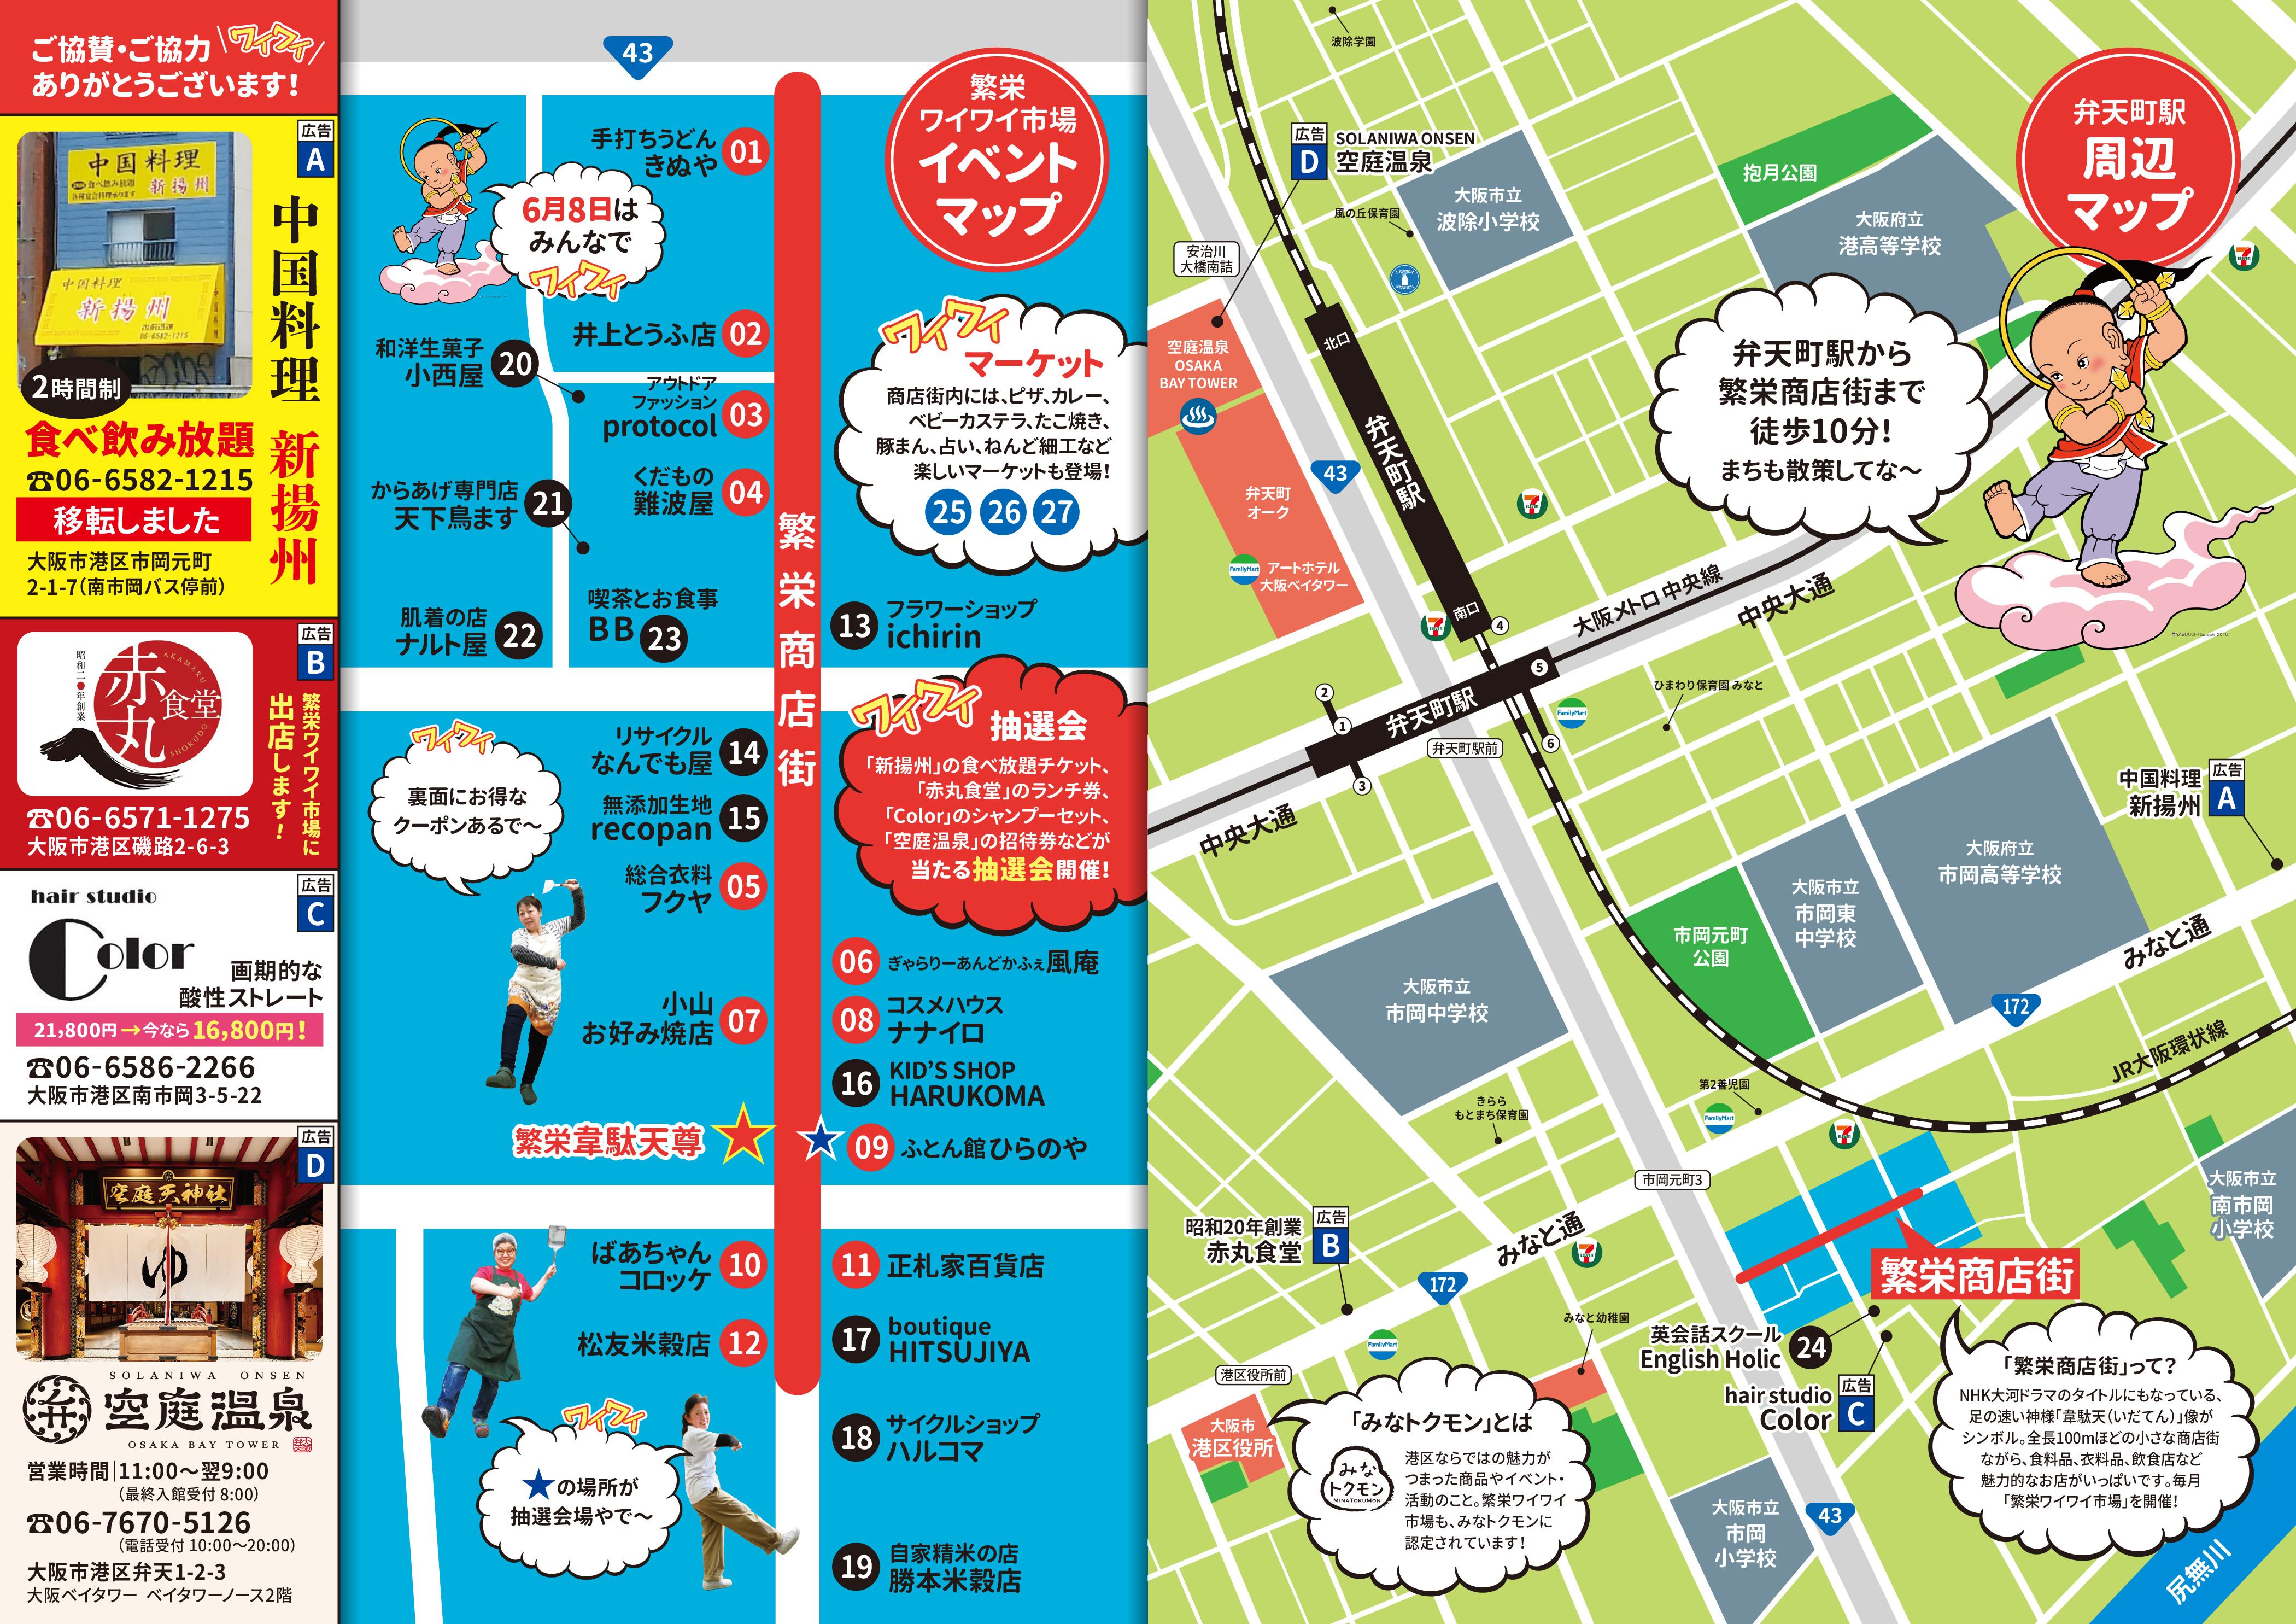 第55回 繁栄ワイワイ市場(大阪市港区)